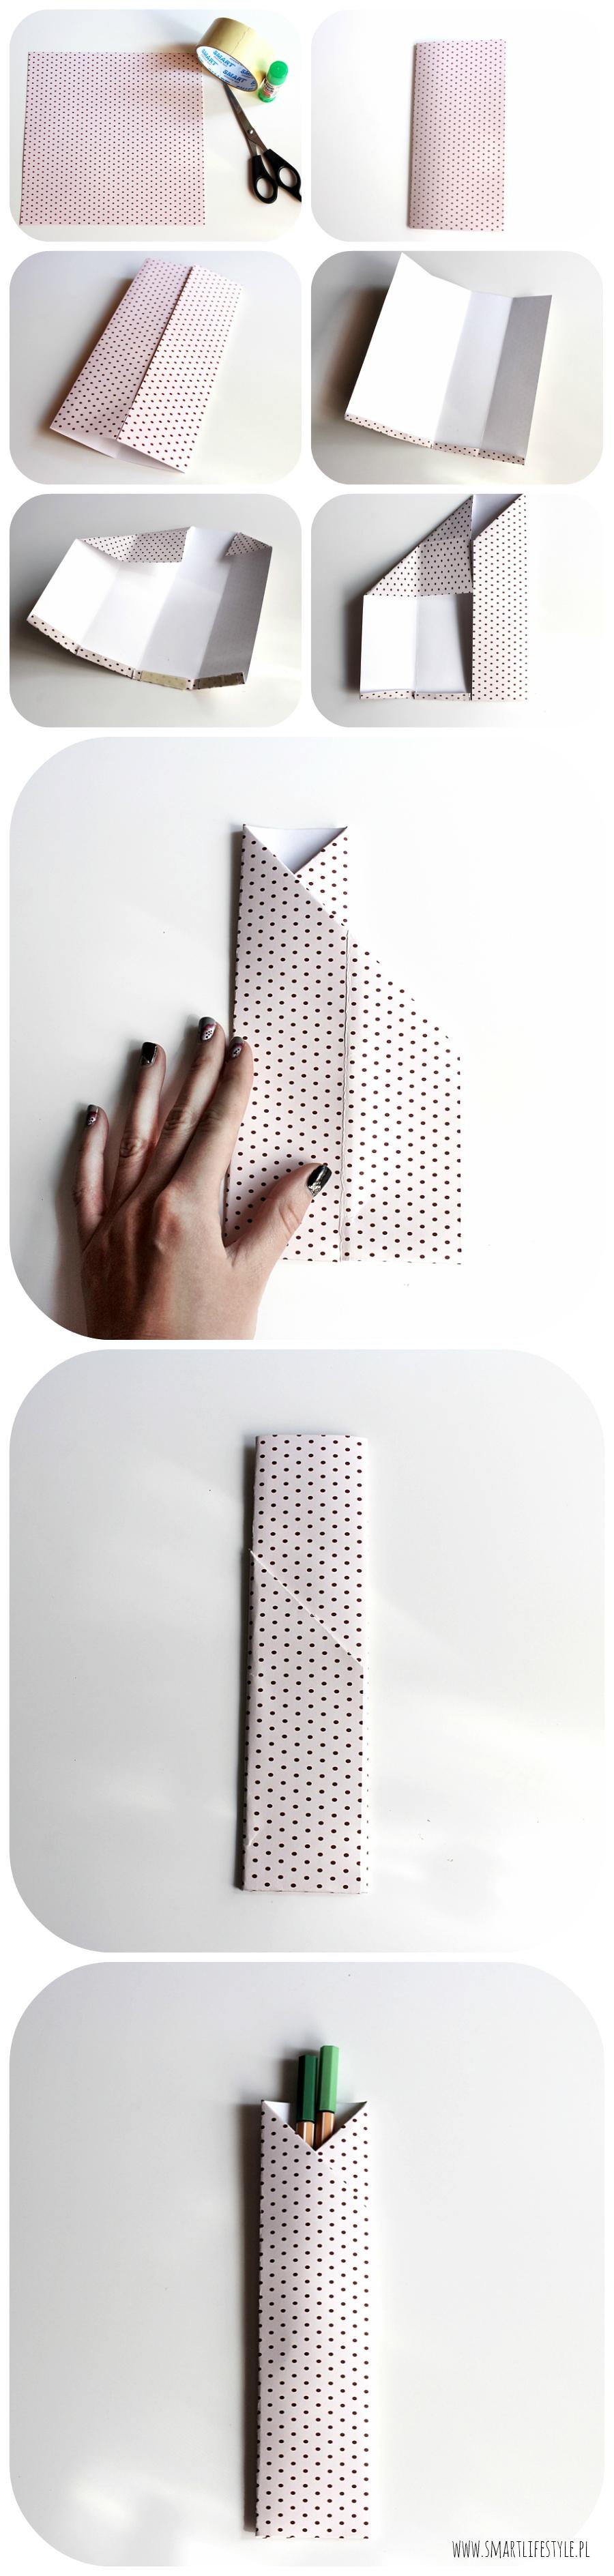 Jak wykonać papierowe etui na długopisy? How to make paper pencil case? www.smartlifstyle.pl